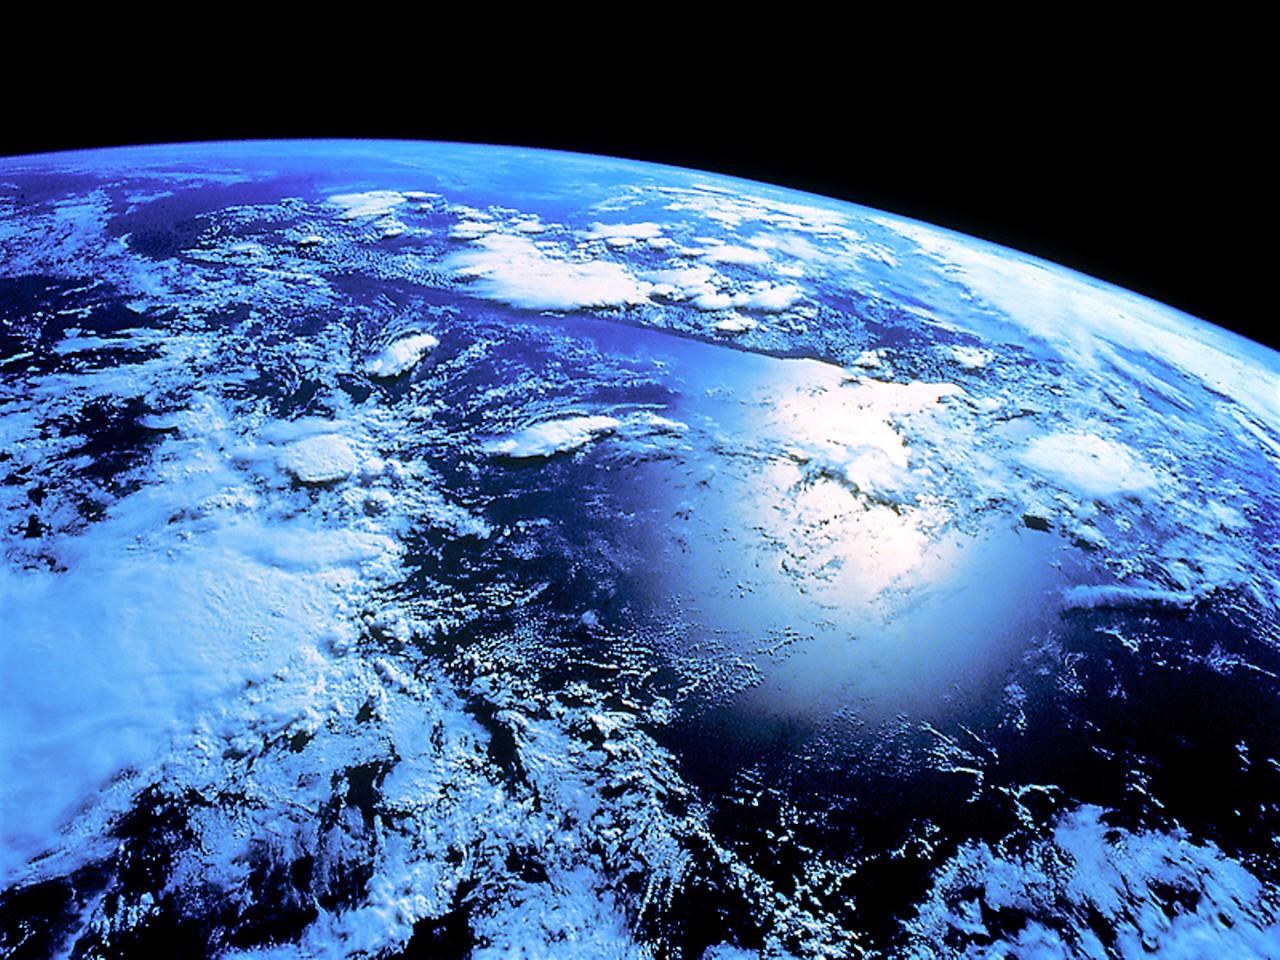 Земля из космоса, обои на рабочий стол, космос